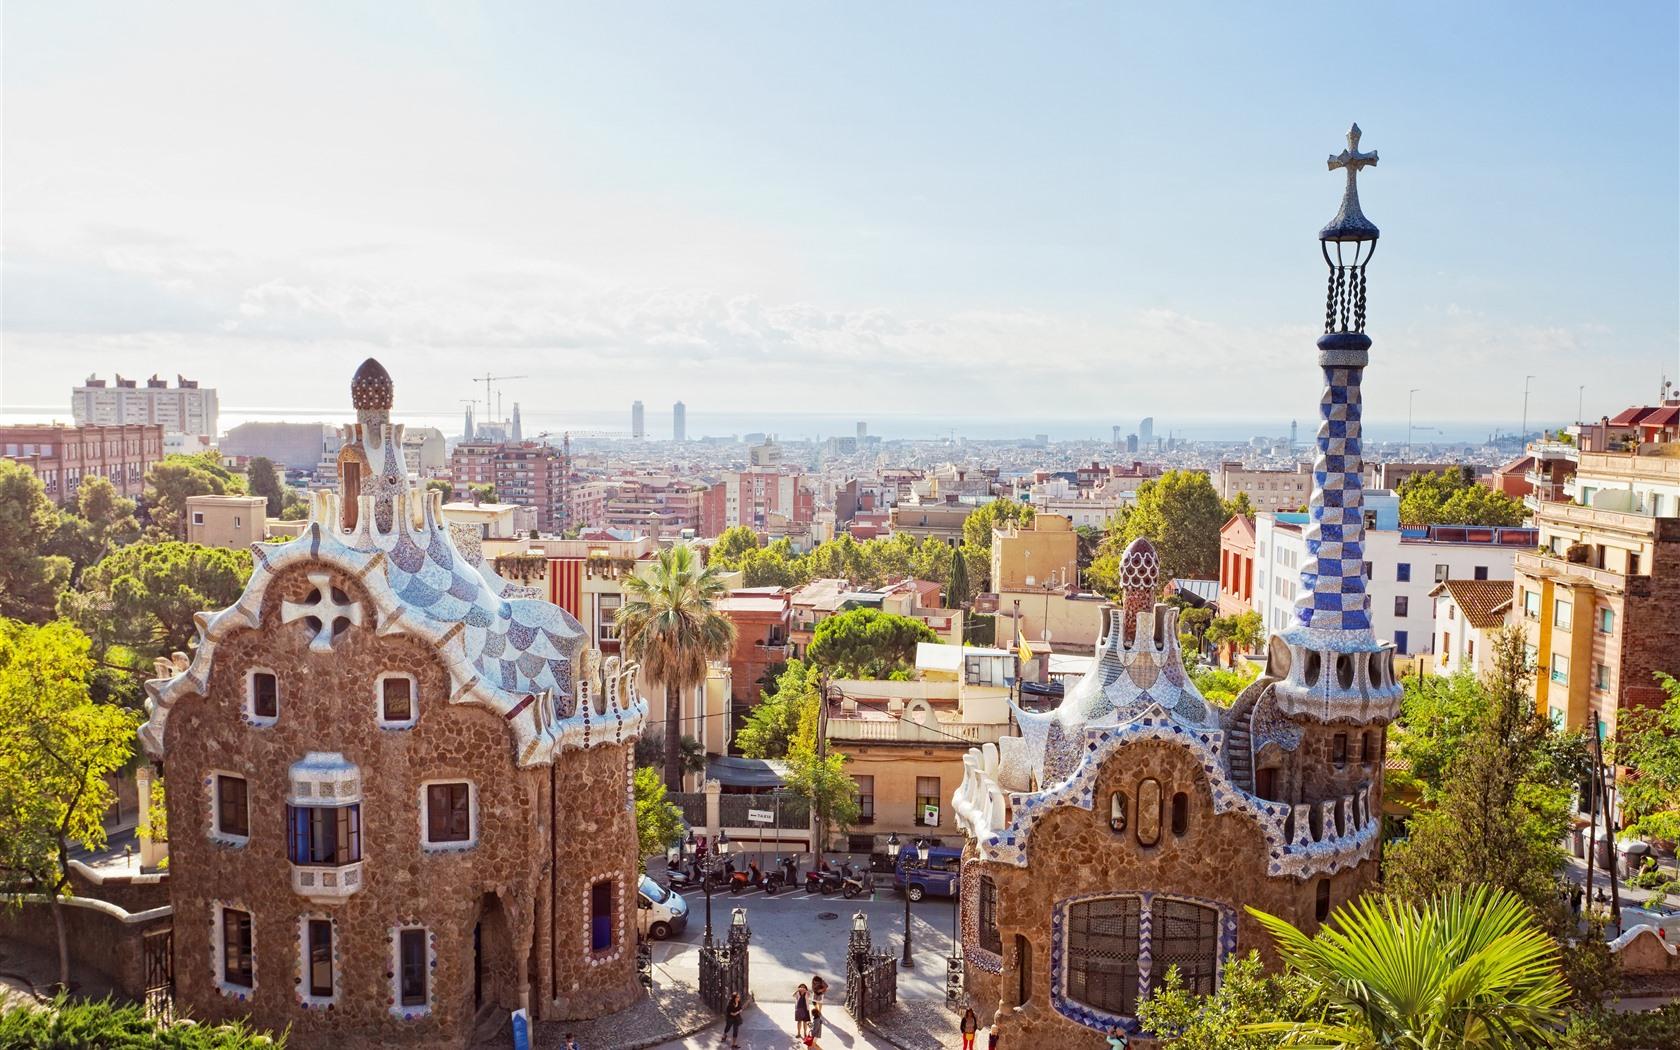 壁紙 スペイン バルセロナ 街 太陽光線 3840x2160 Uhd 4k 無料のデスクトップの背景 画像